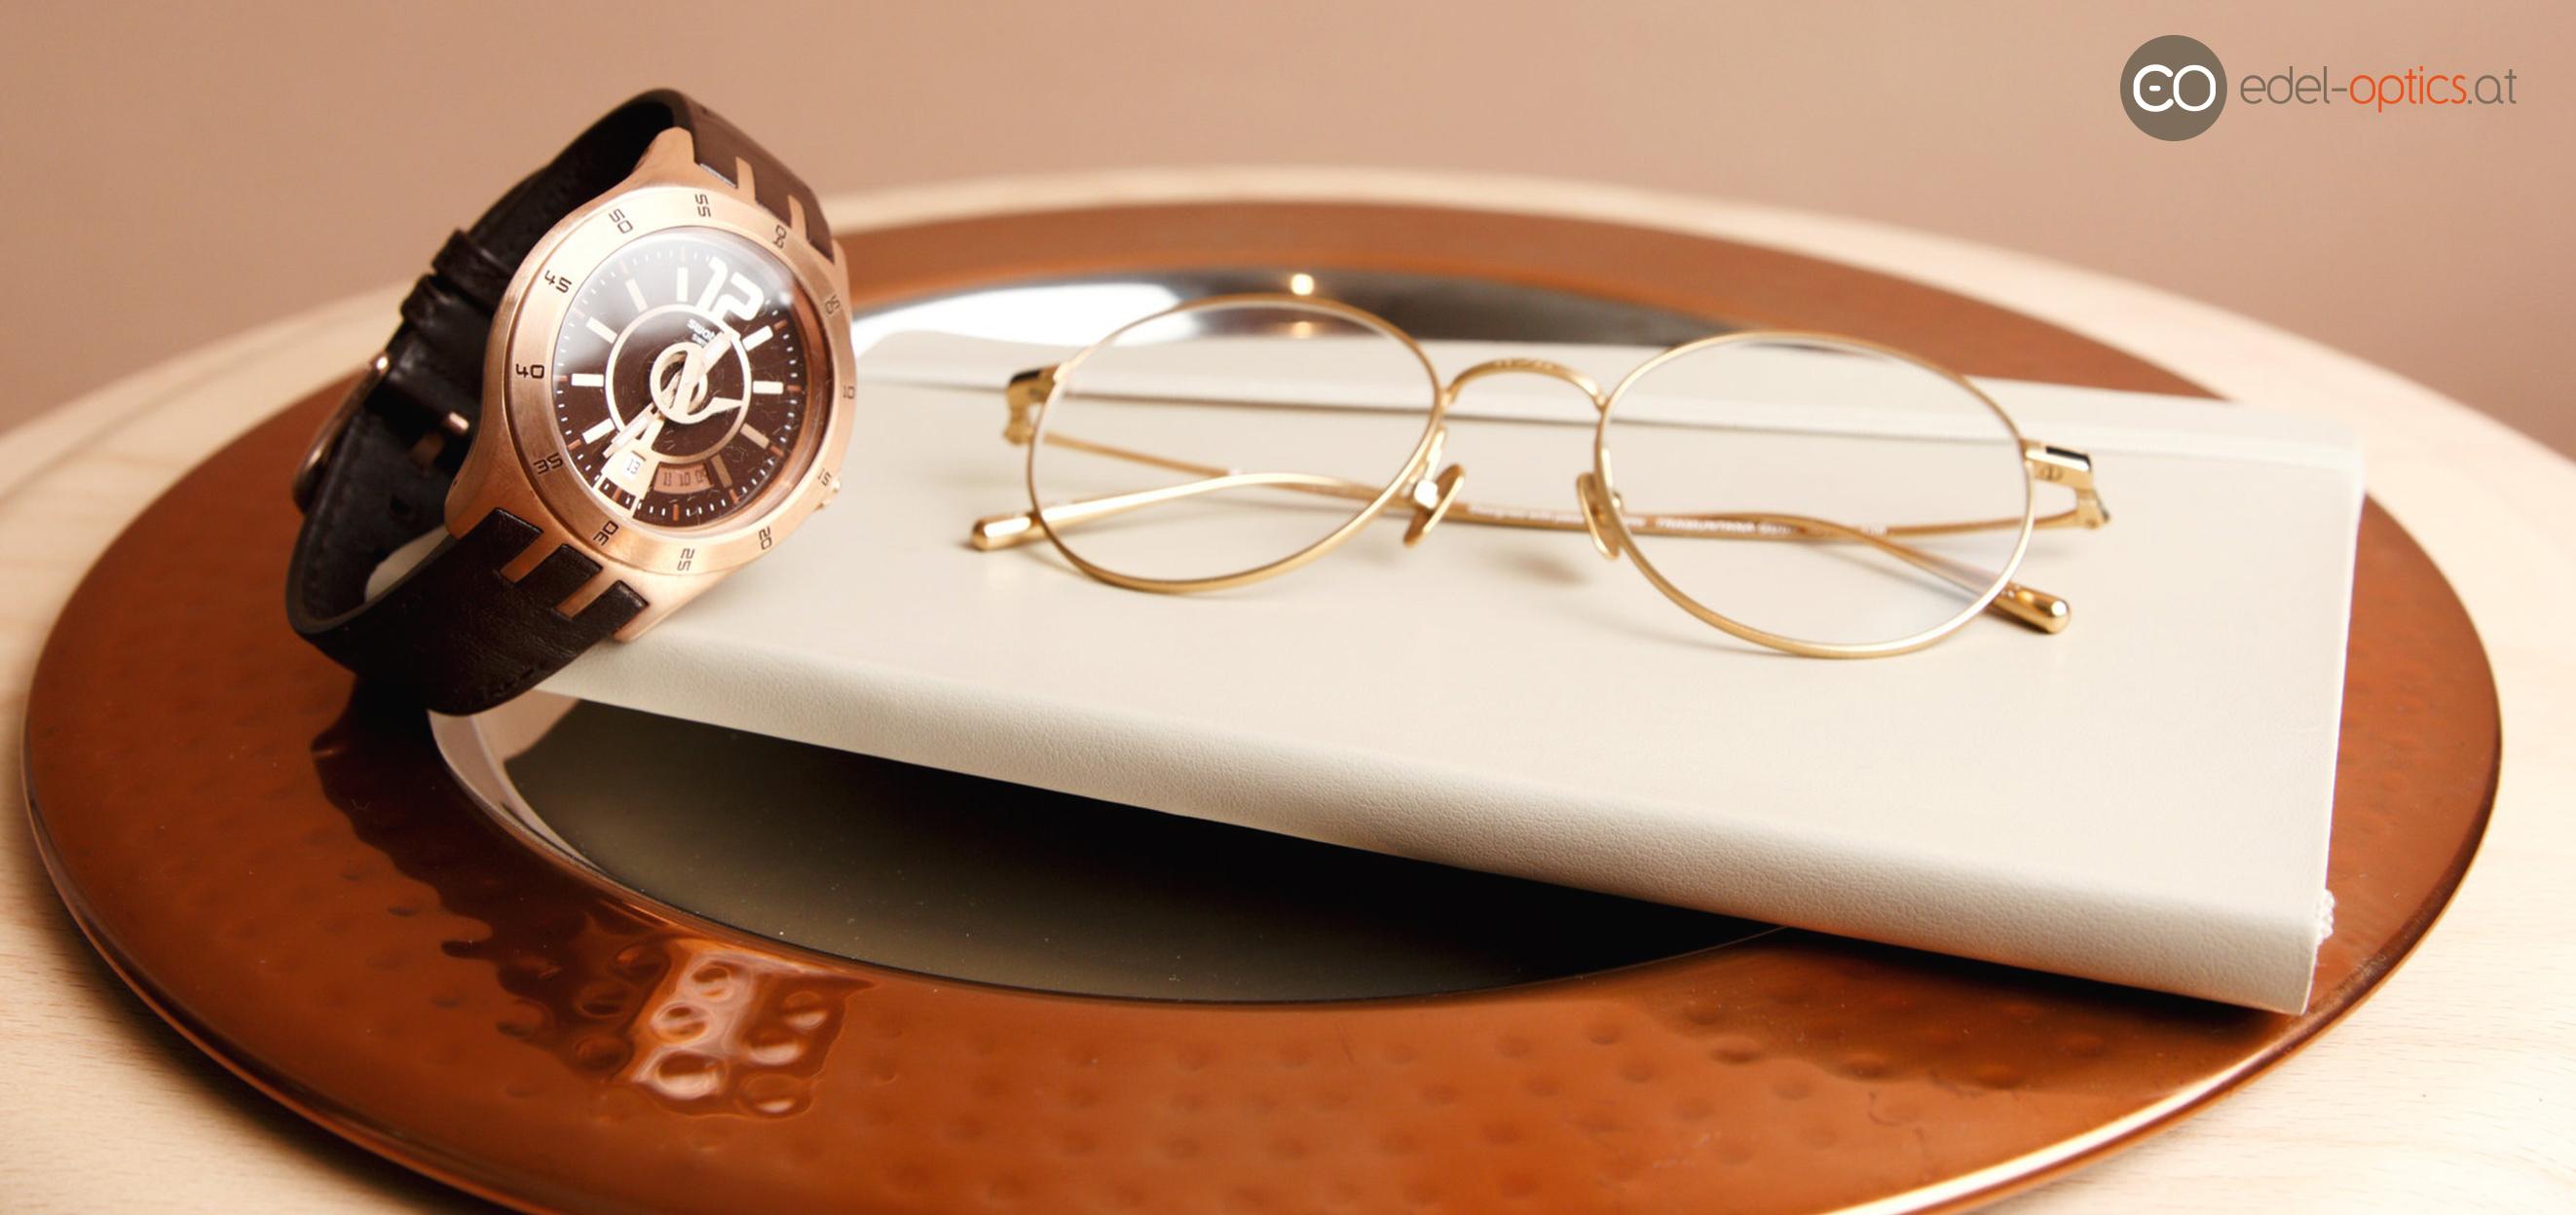 Angesagte Brillen für moderne Männer - Edel Optics Blog